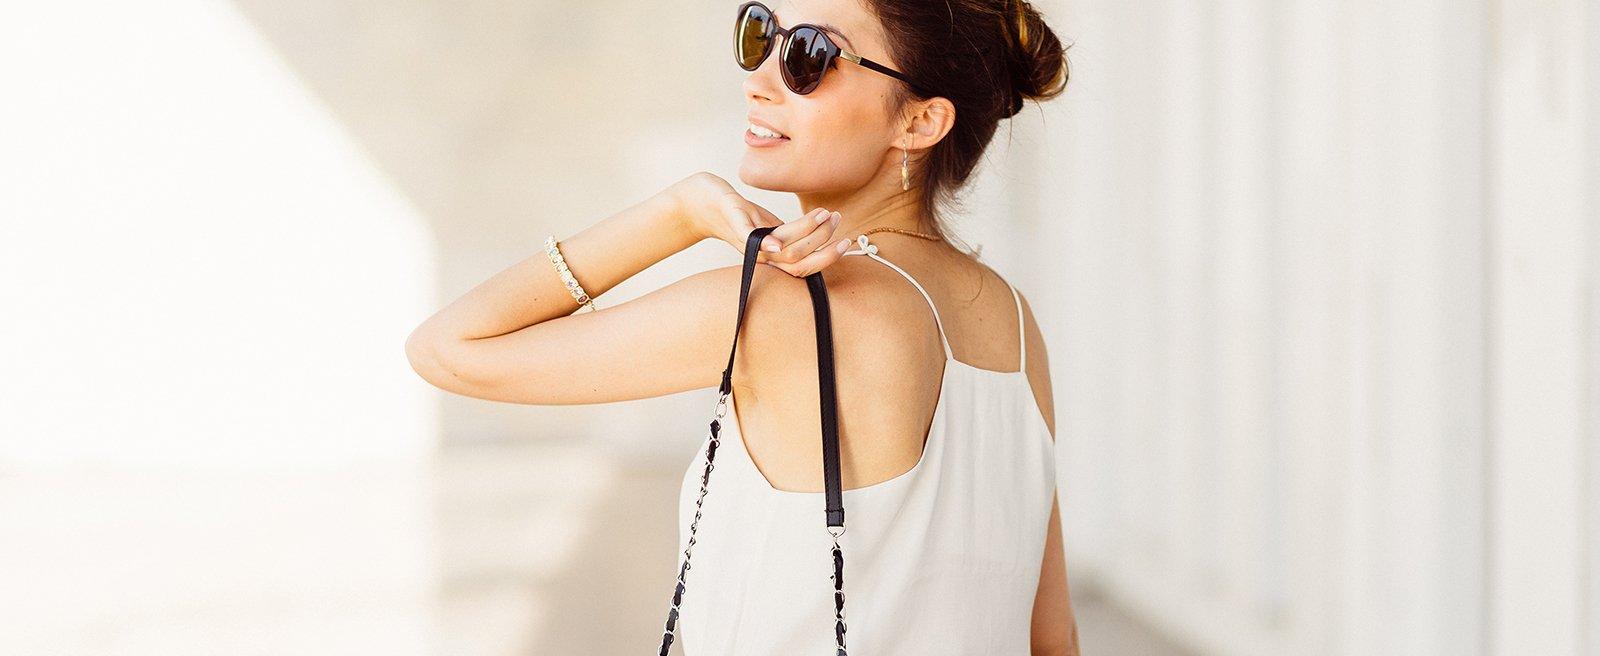 Boutique Manigance - L'Usine Mode & Maison